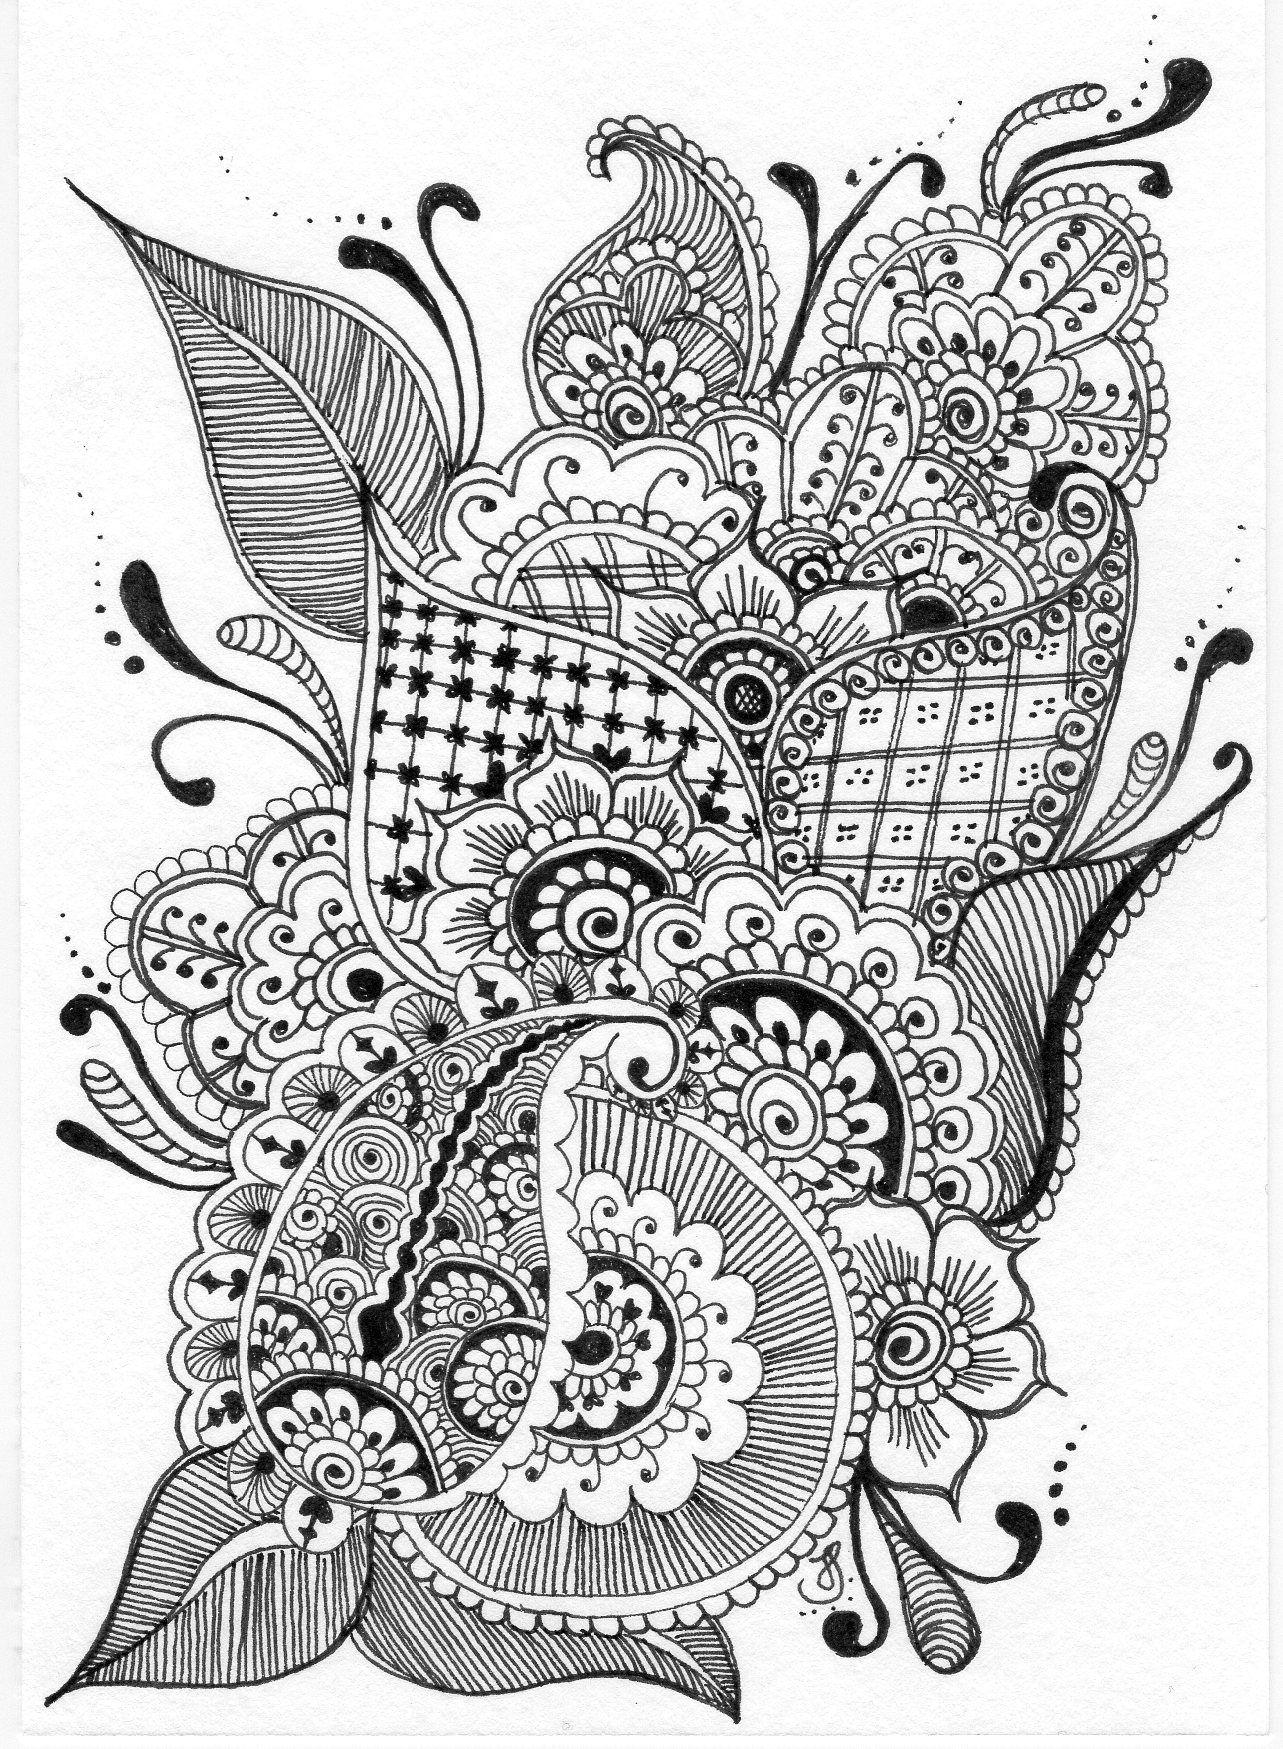 Some Mehndi inspired Zendoodle | Zentangle drawings ...